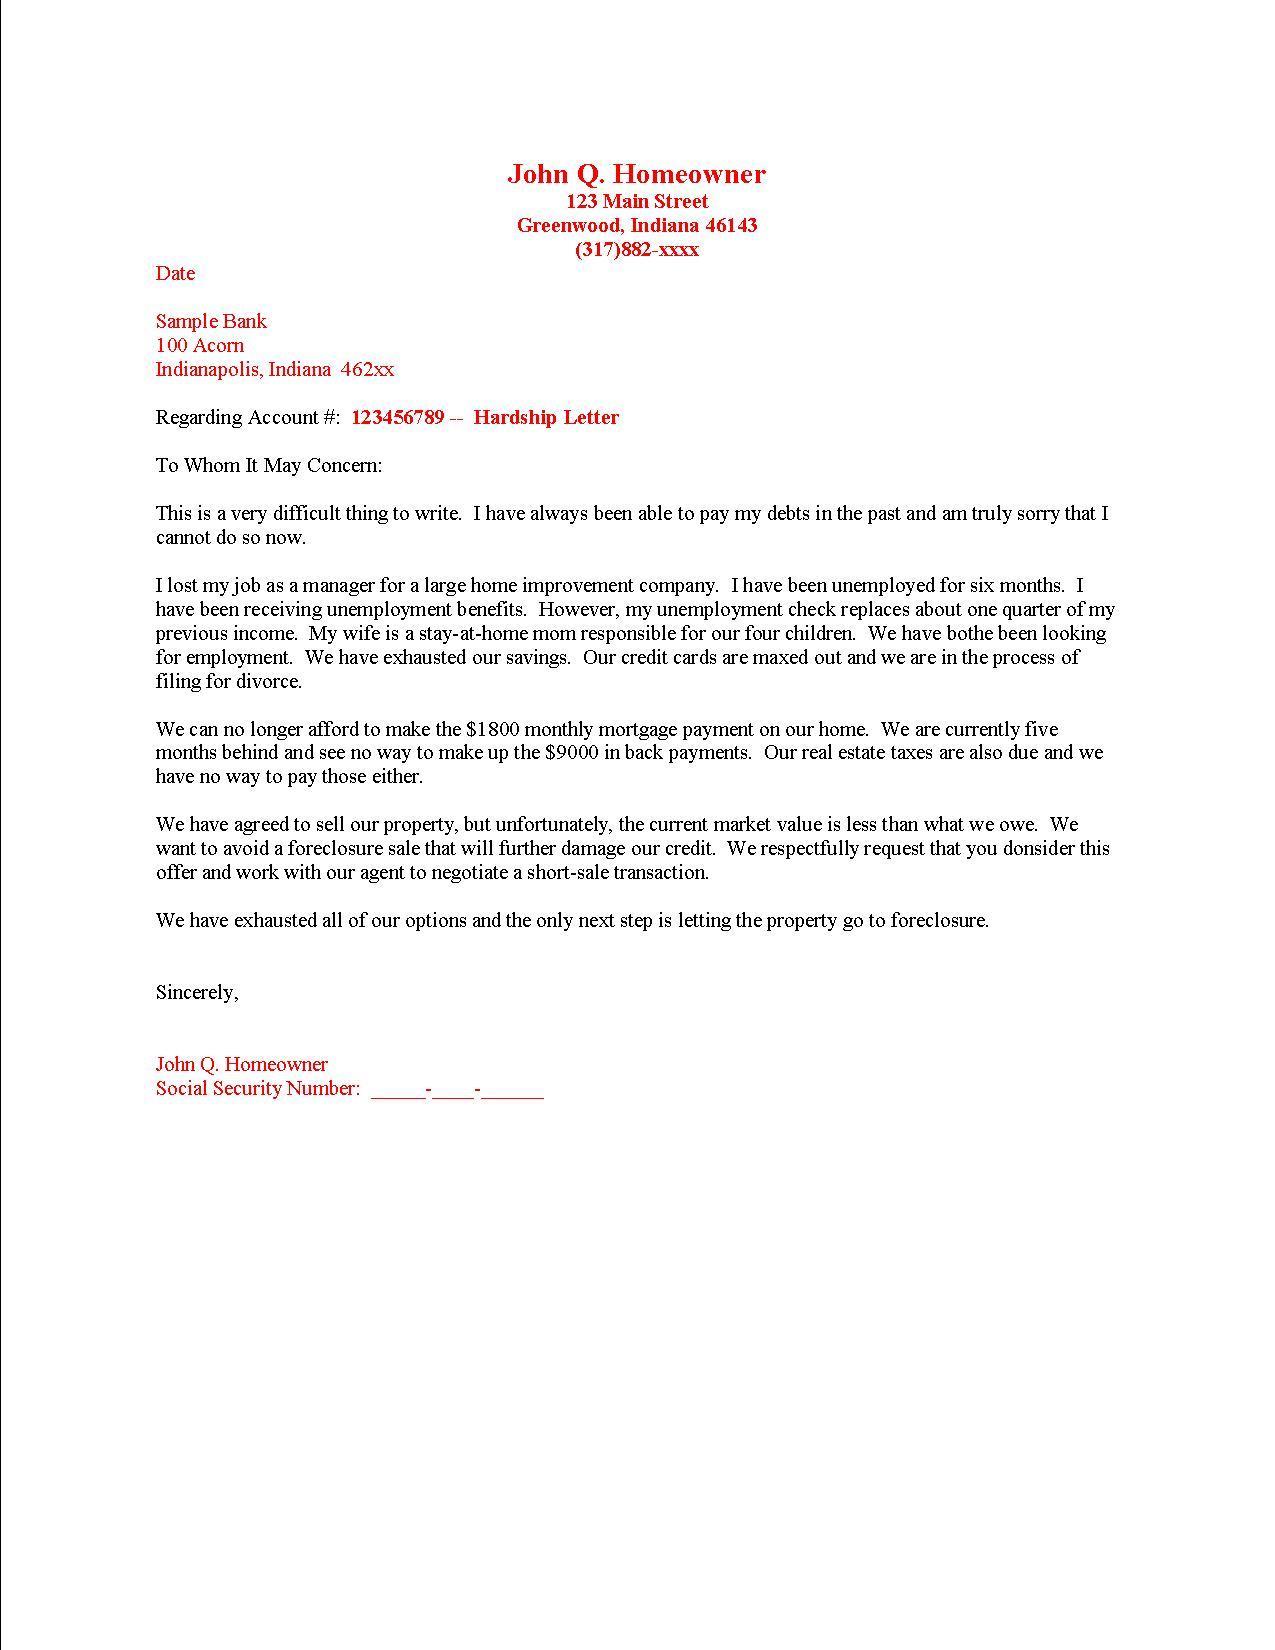 Sample Letter Explaining Financial Hardship